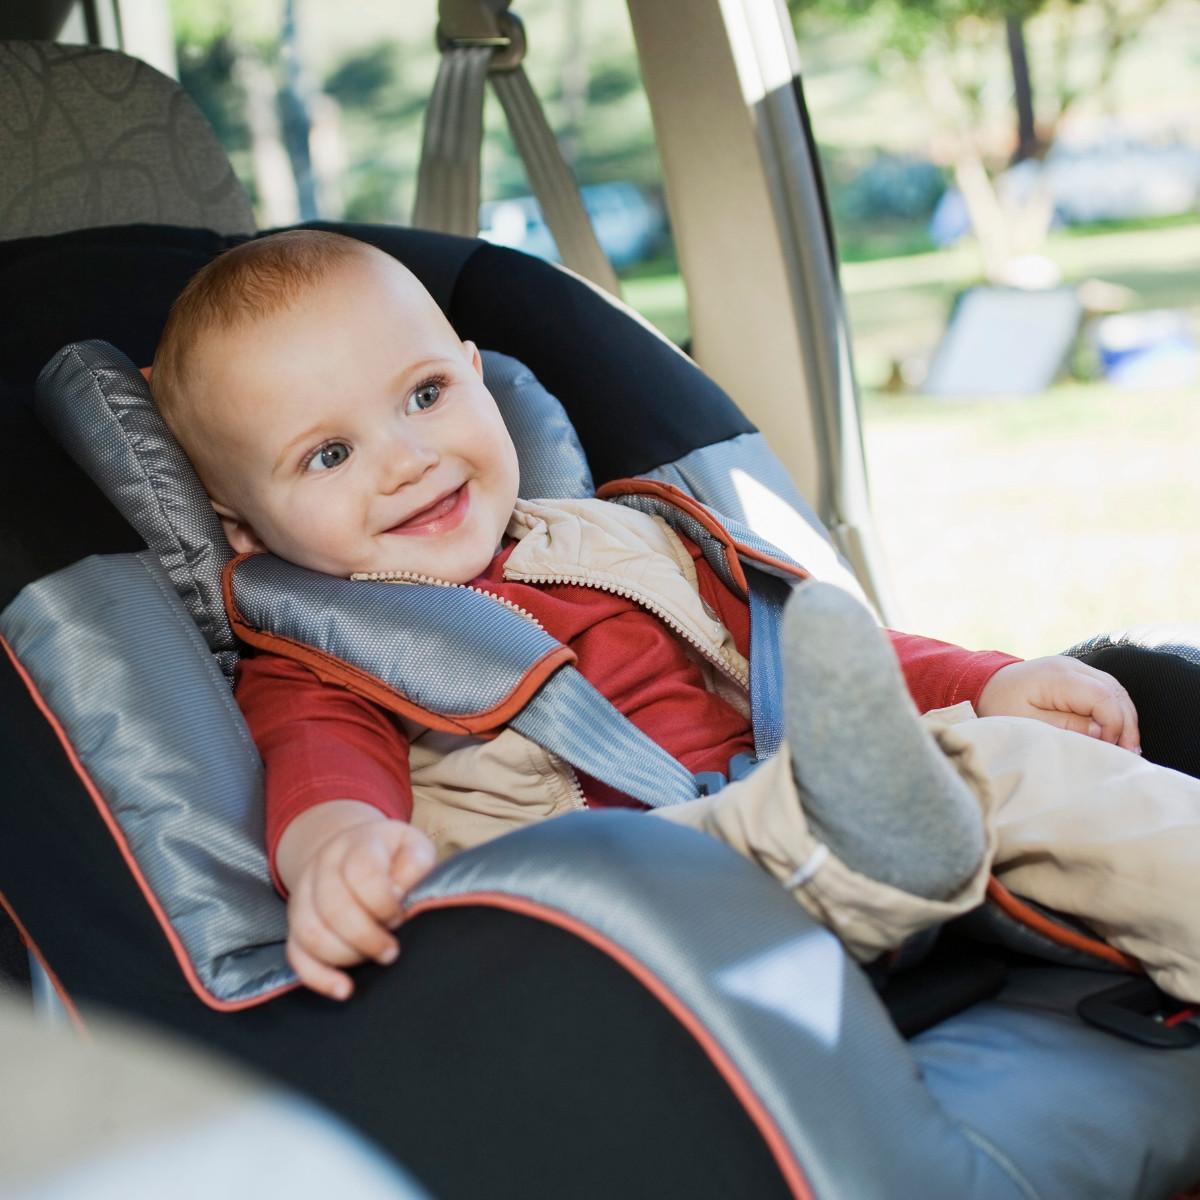 cadeirinhas-de-bebe-para-carro-obrigatorio